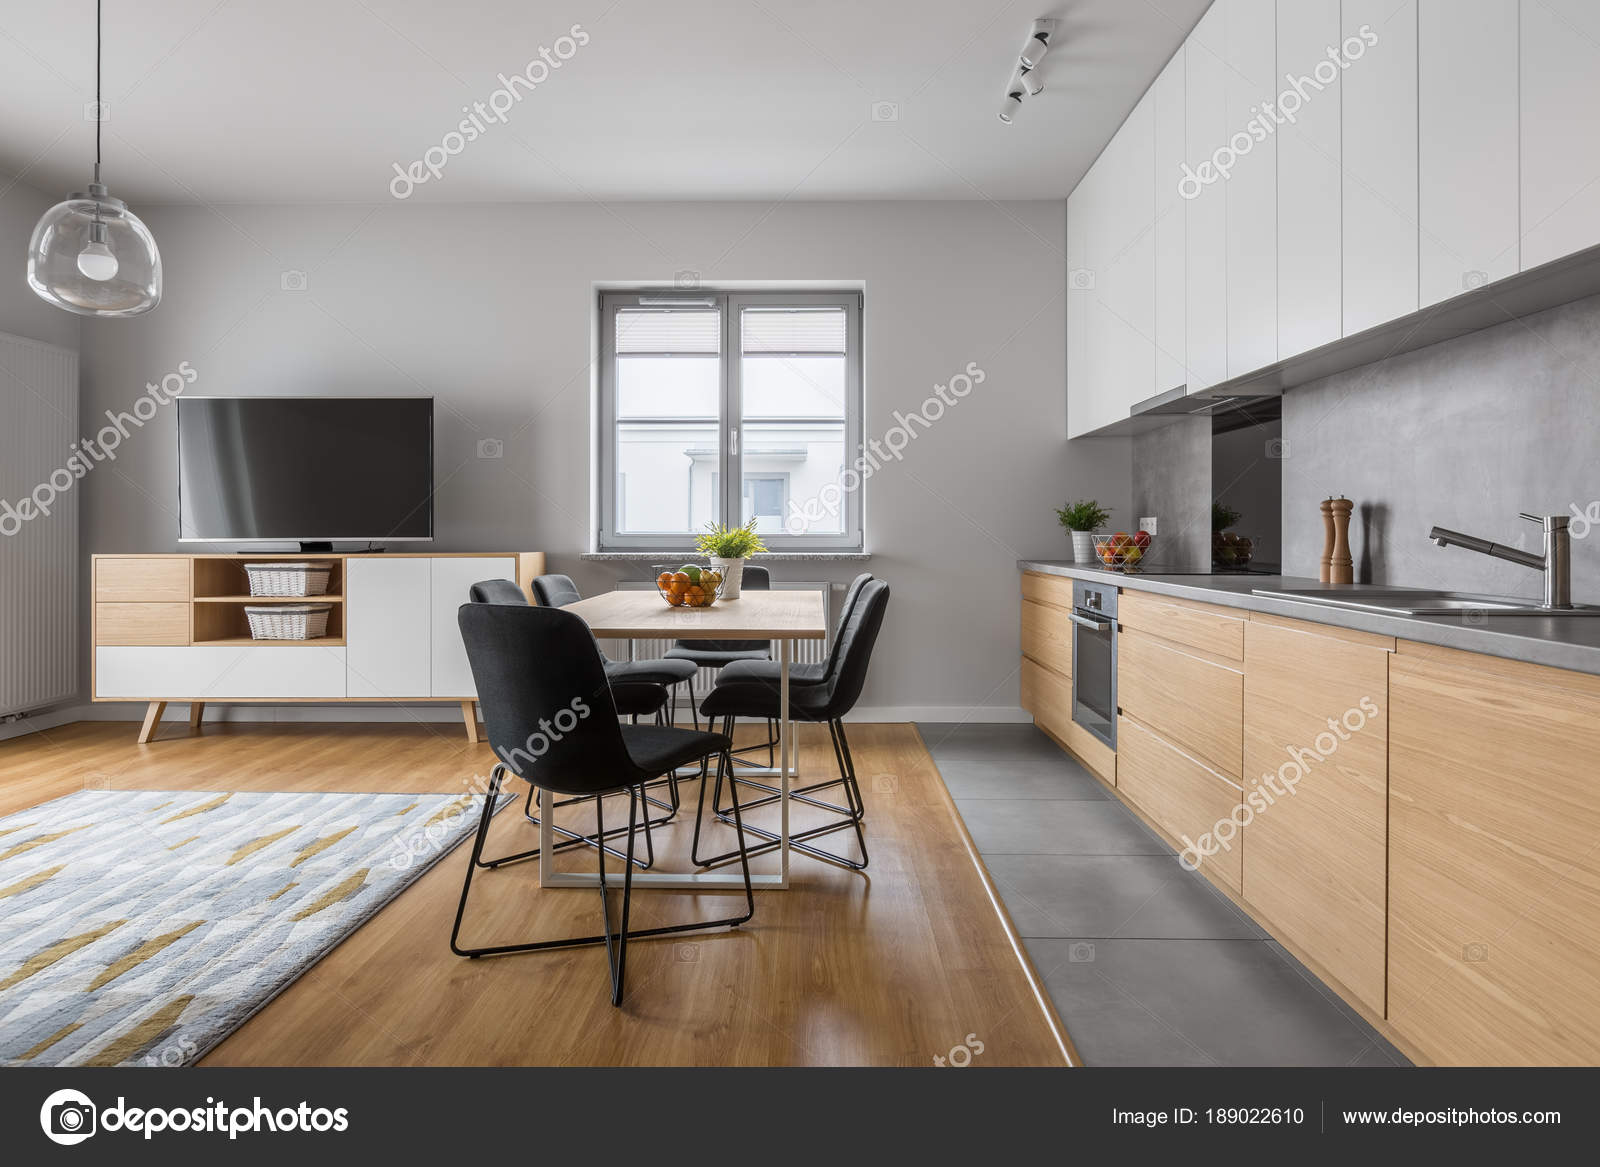 Moderne Holz Kuche Mit Tisch Stockfoto C In4mal 189022610